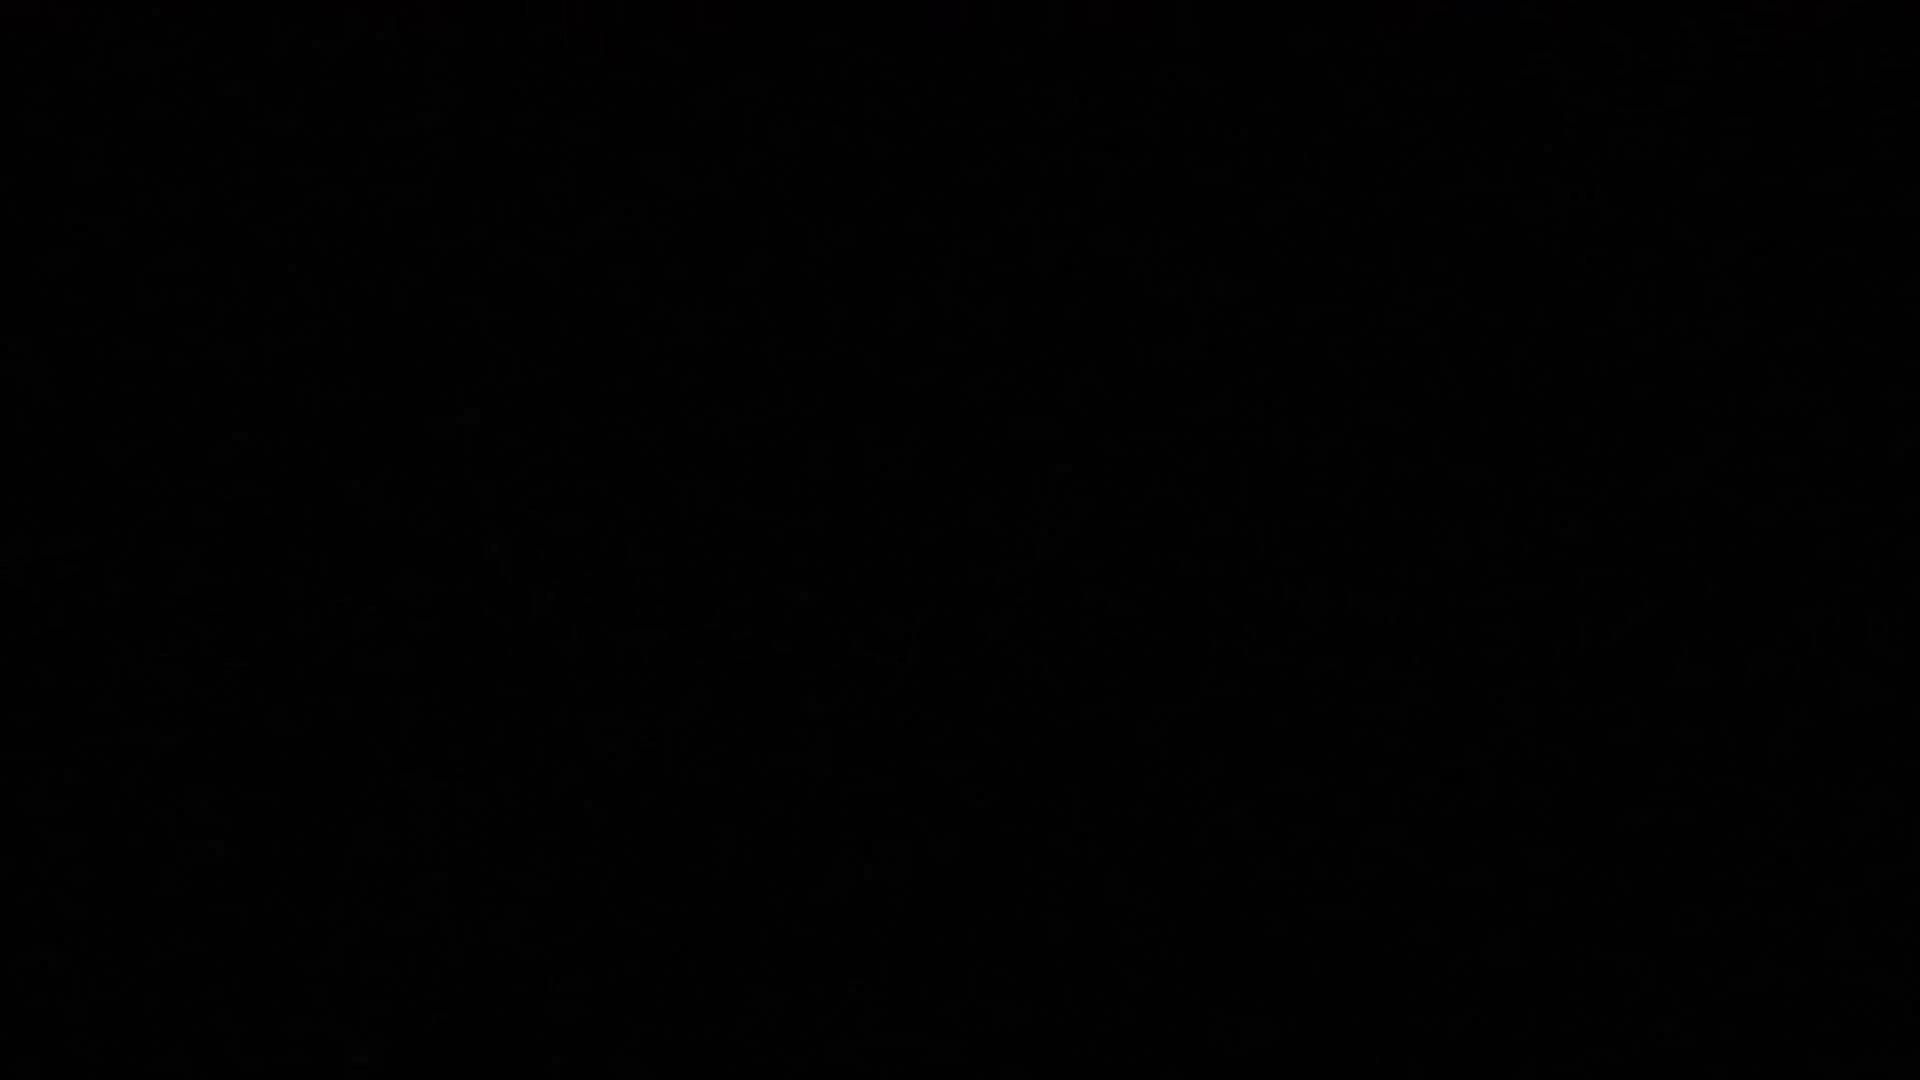 SPYさん初投稿!マンション覗き!5000K!ハイビジョン撮影VOL.05(元サッカー部員社会人) スポーツ系な男たち ちんこ画像 75連発 73